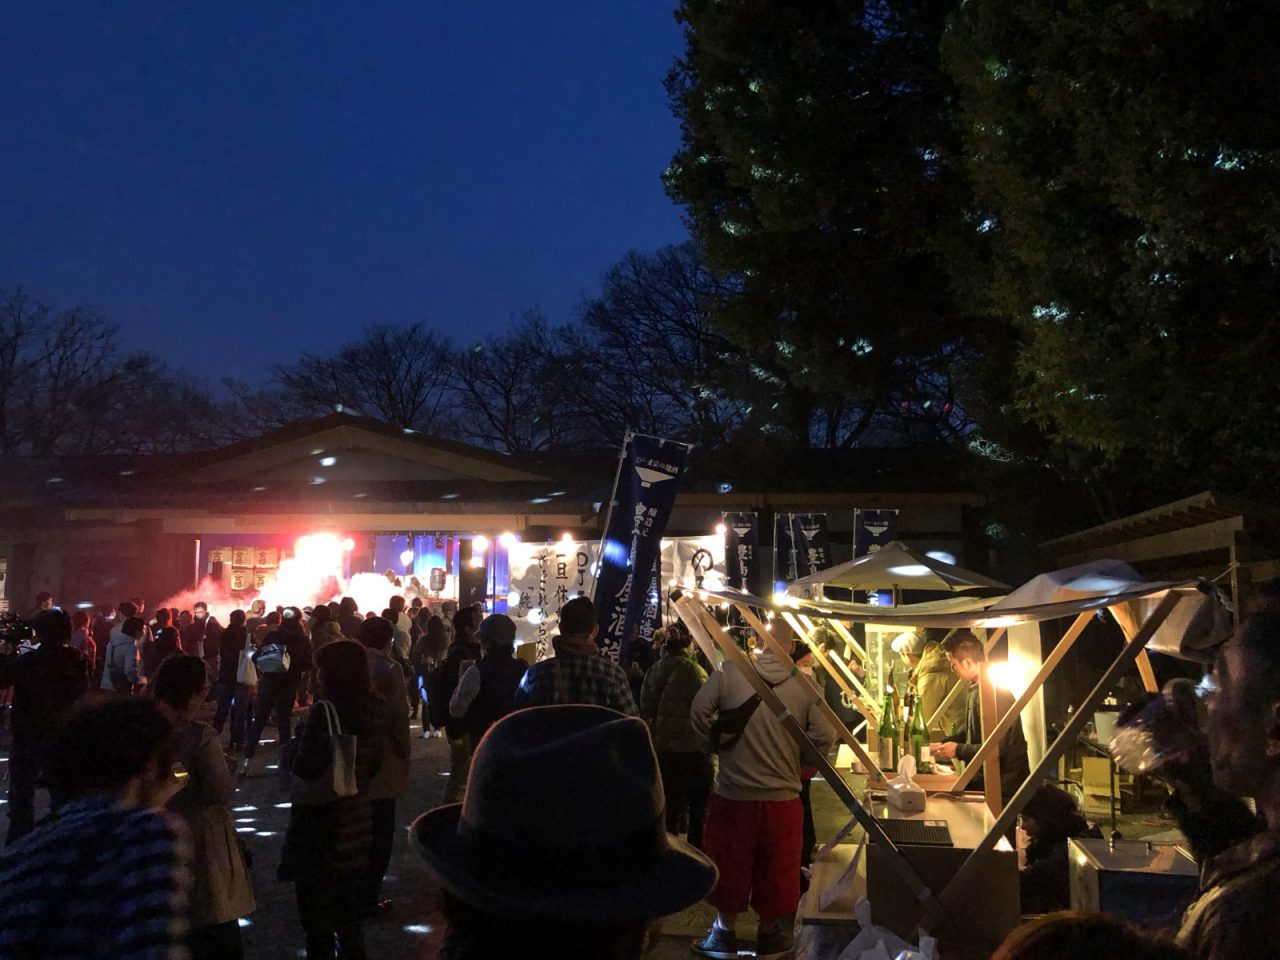 八坂神社の境内が音楽で湧いている夜の様子も新鮮でした!